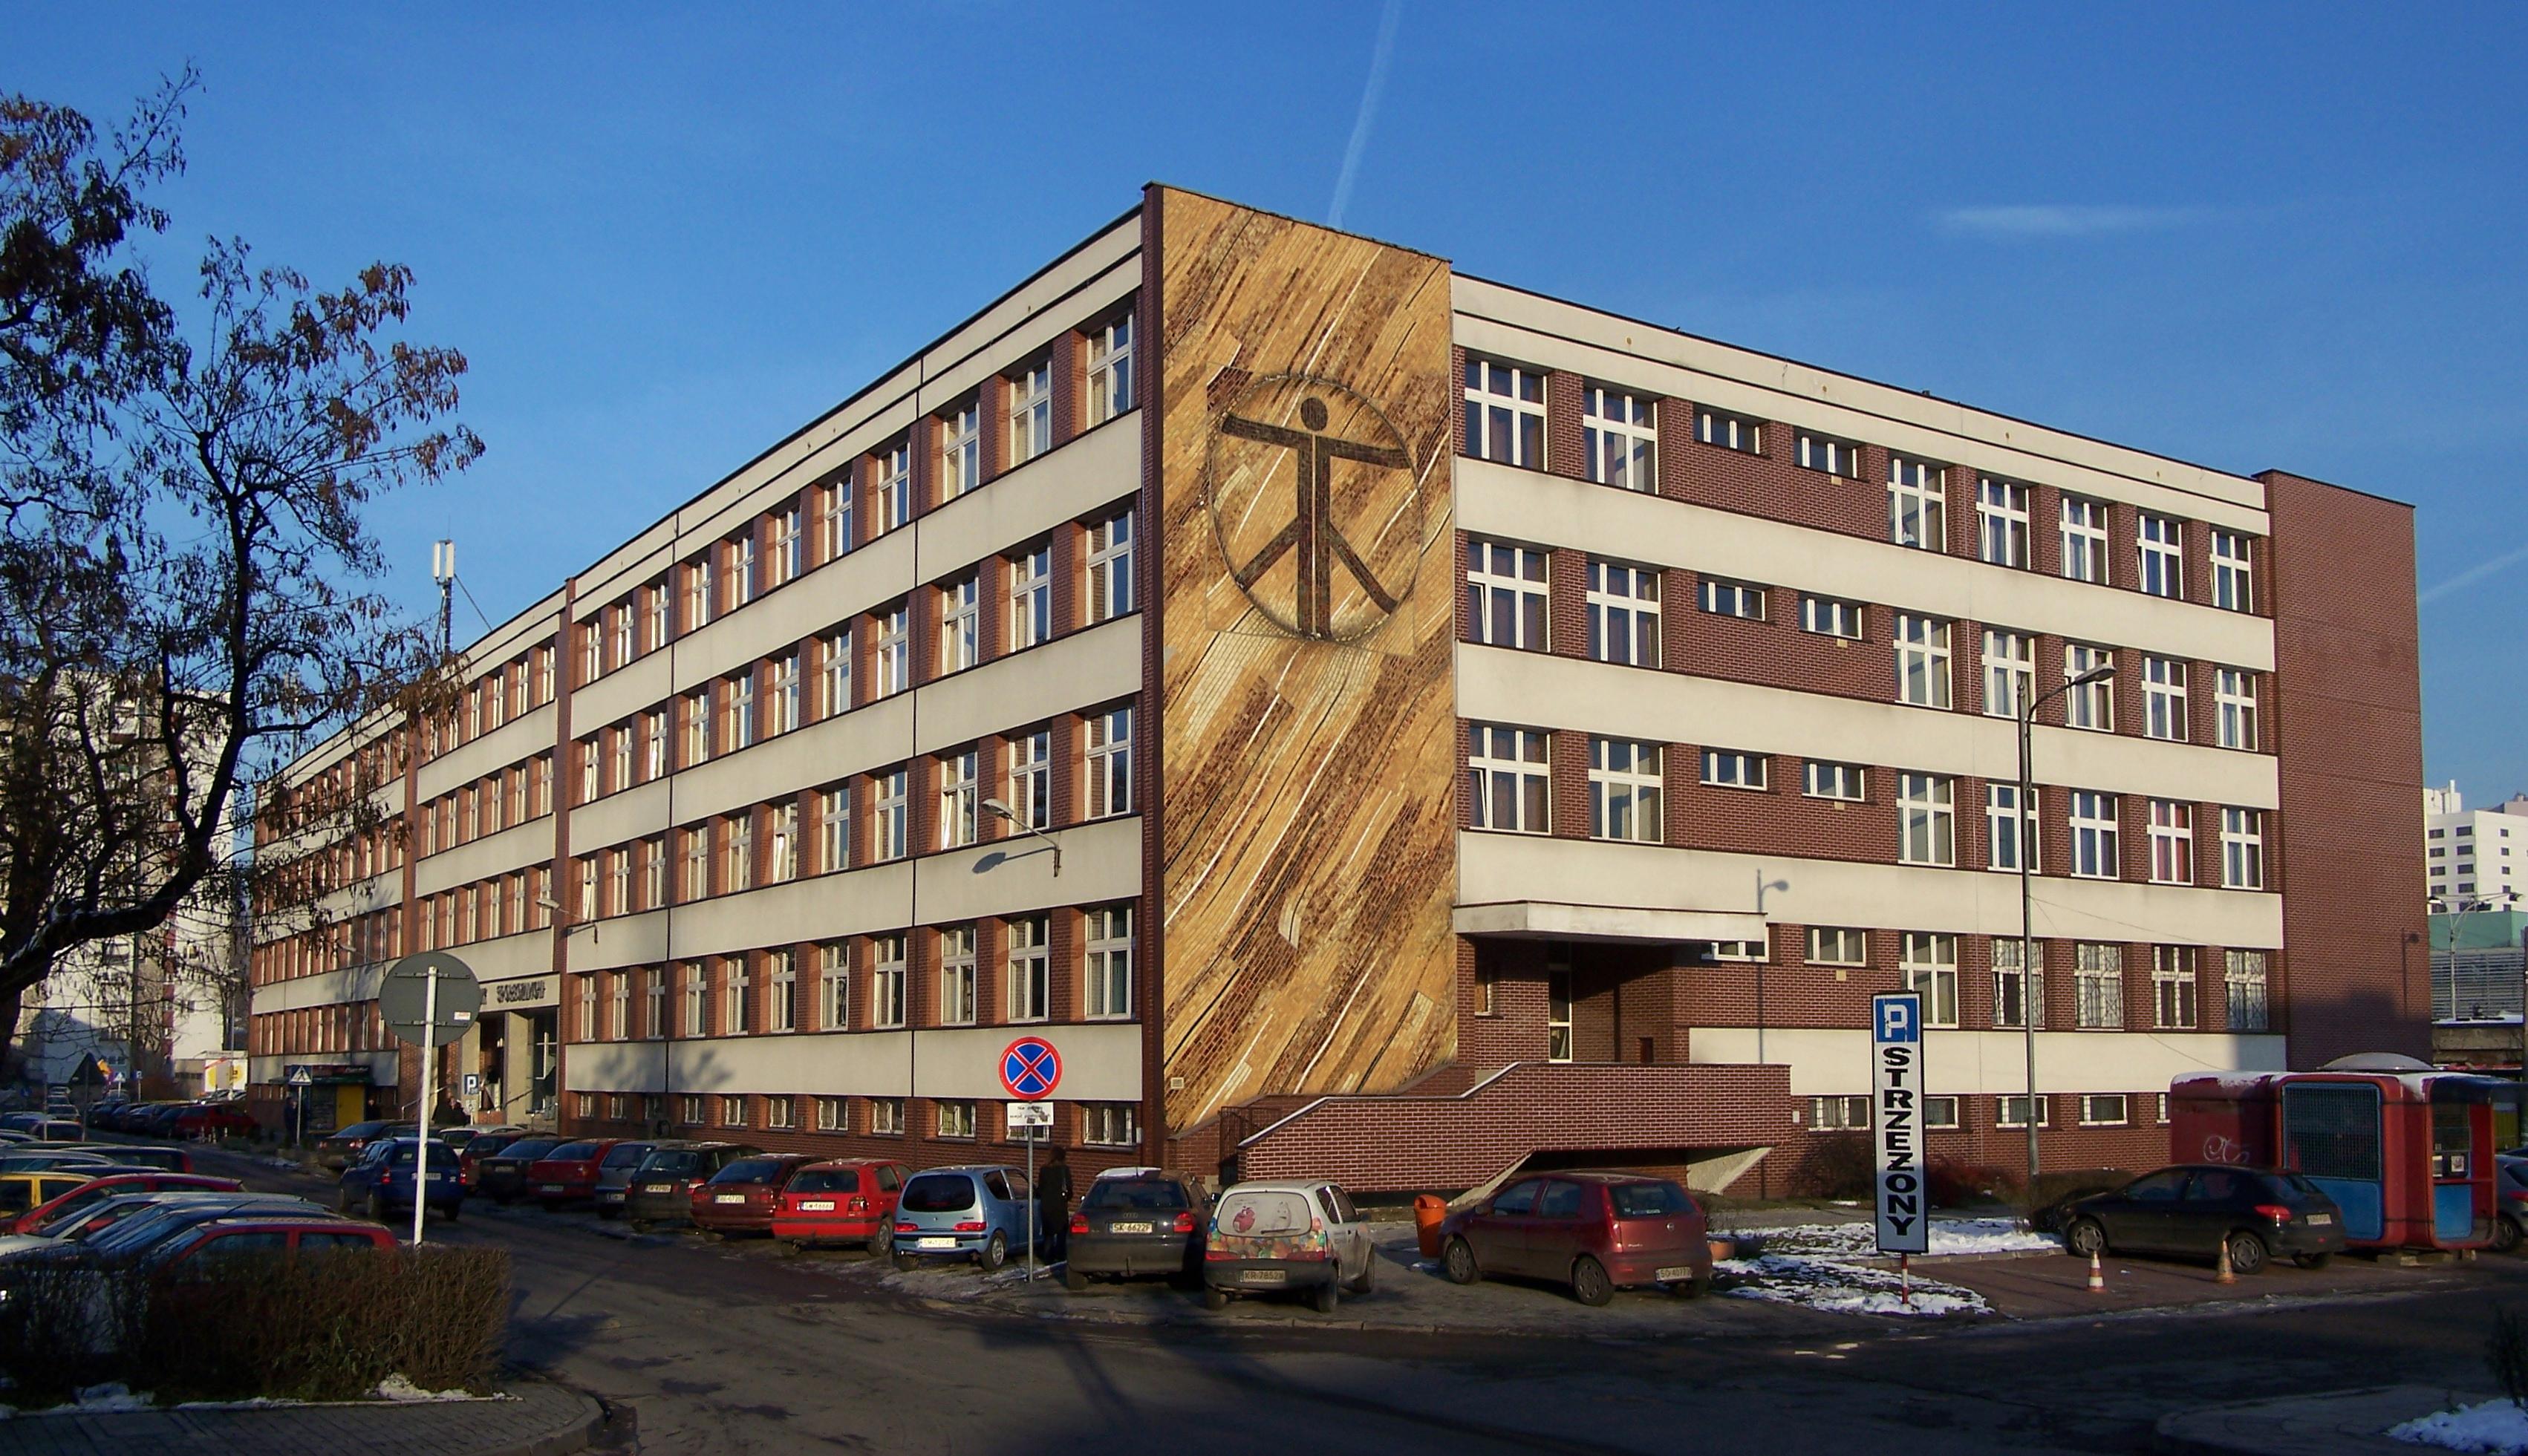 Wydział Nauk Społecznych Uniwersytetu Śląskiego